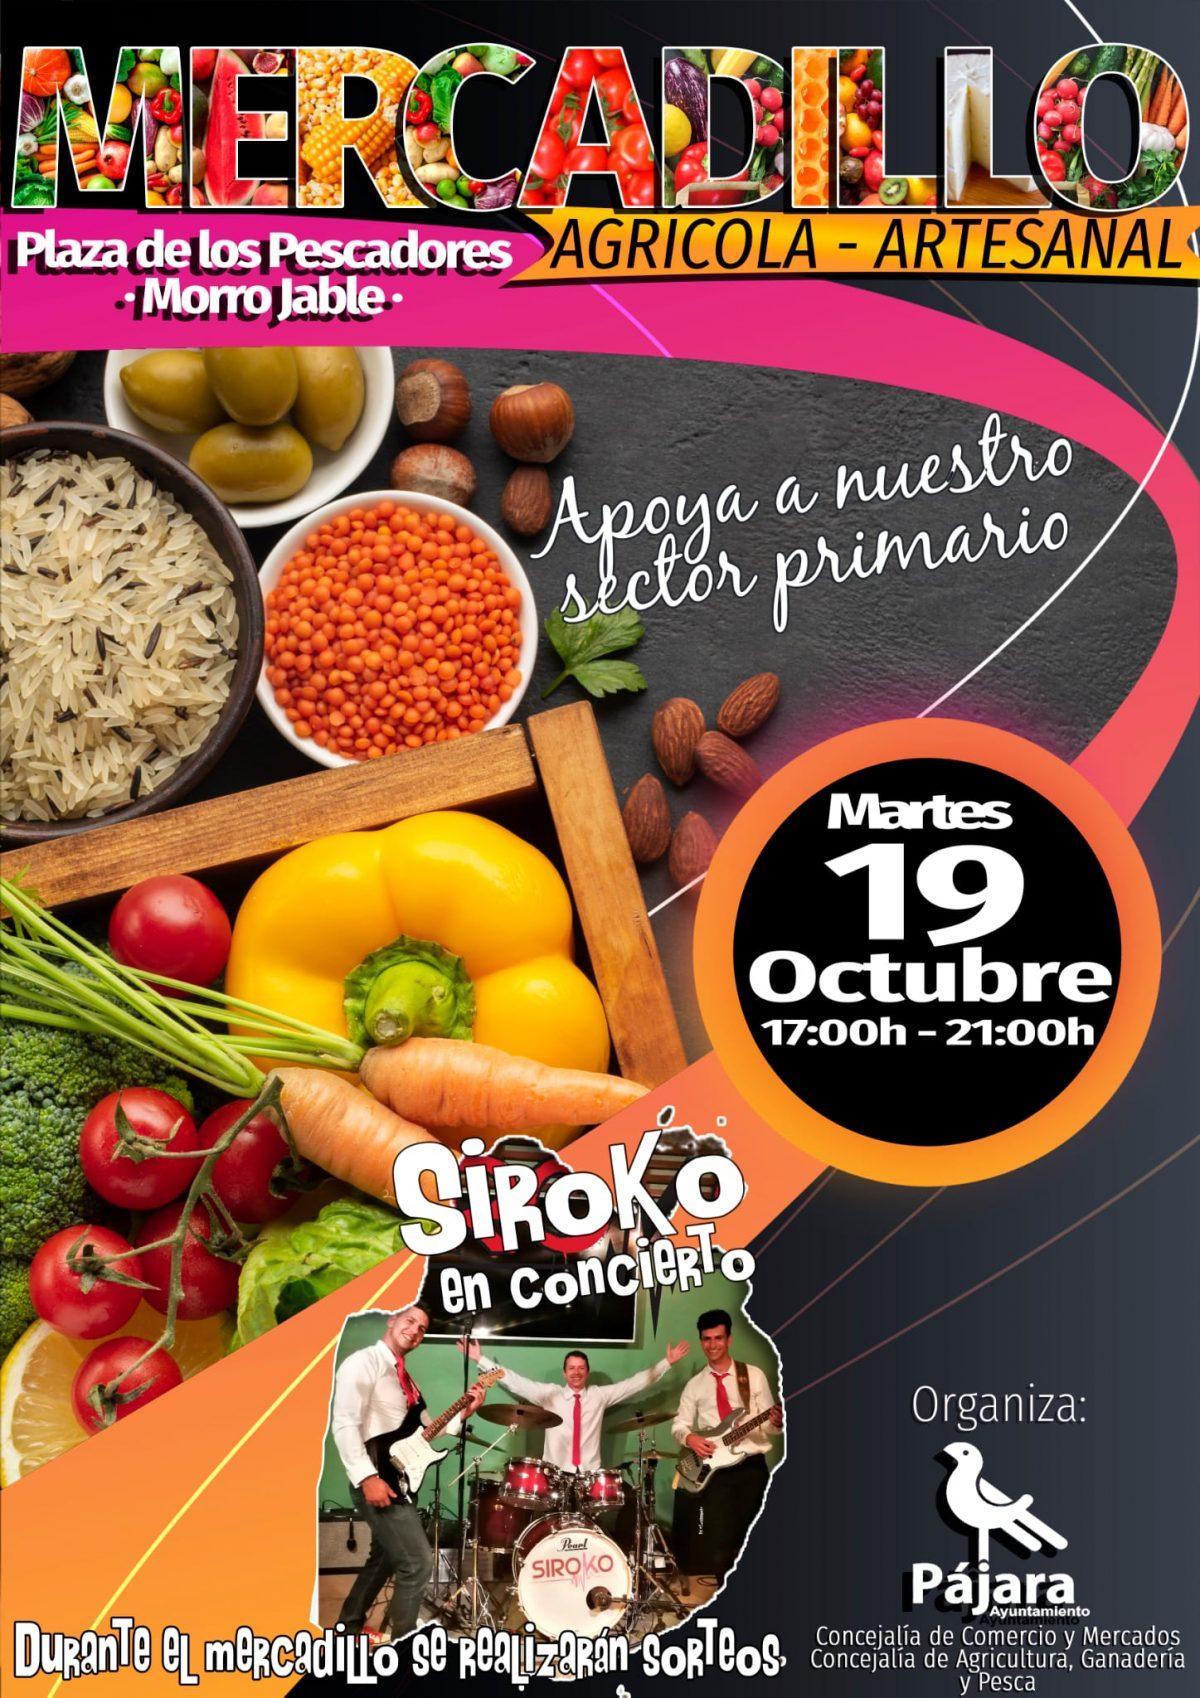 Pájara realiza una nueva edición del tradicional Mercadillo Agrícola y Artesanal de Morro Jable